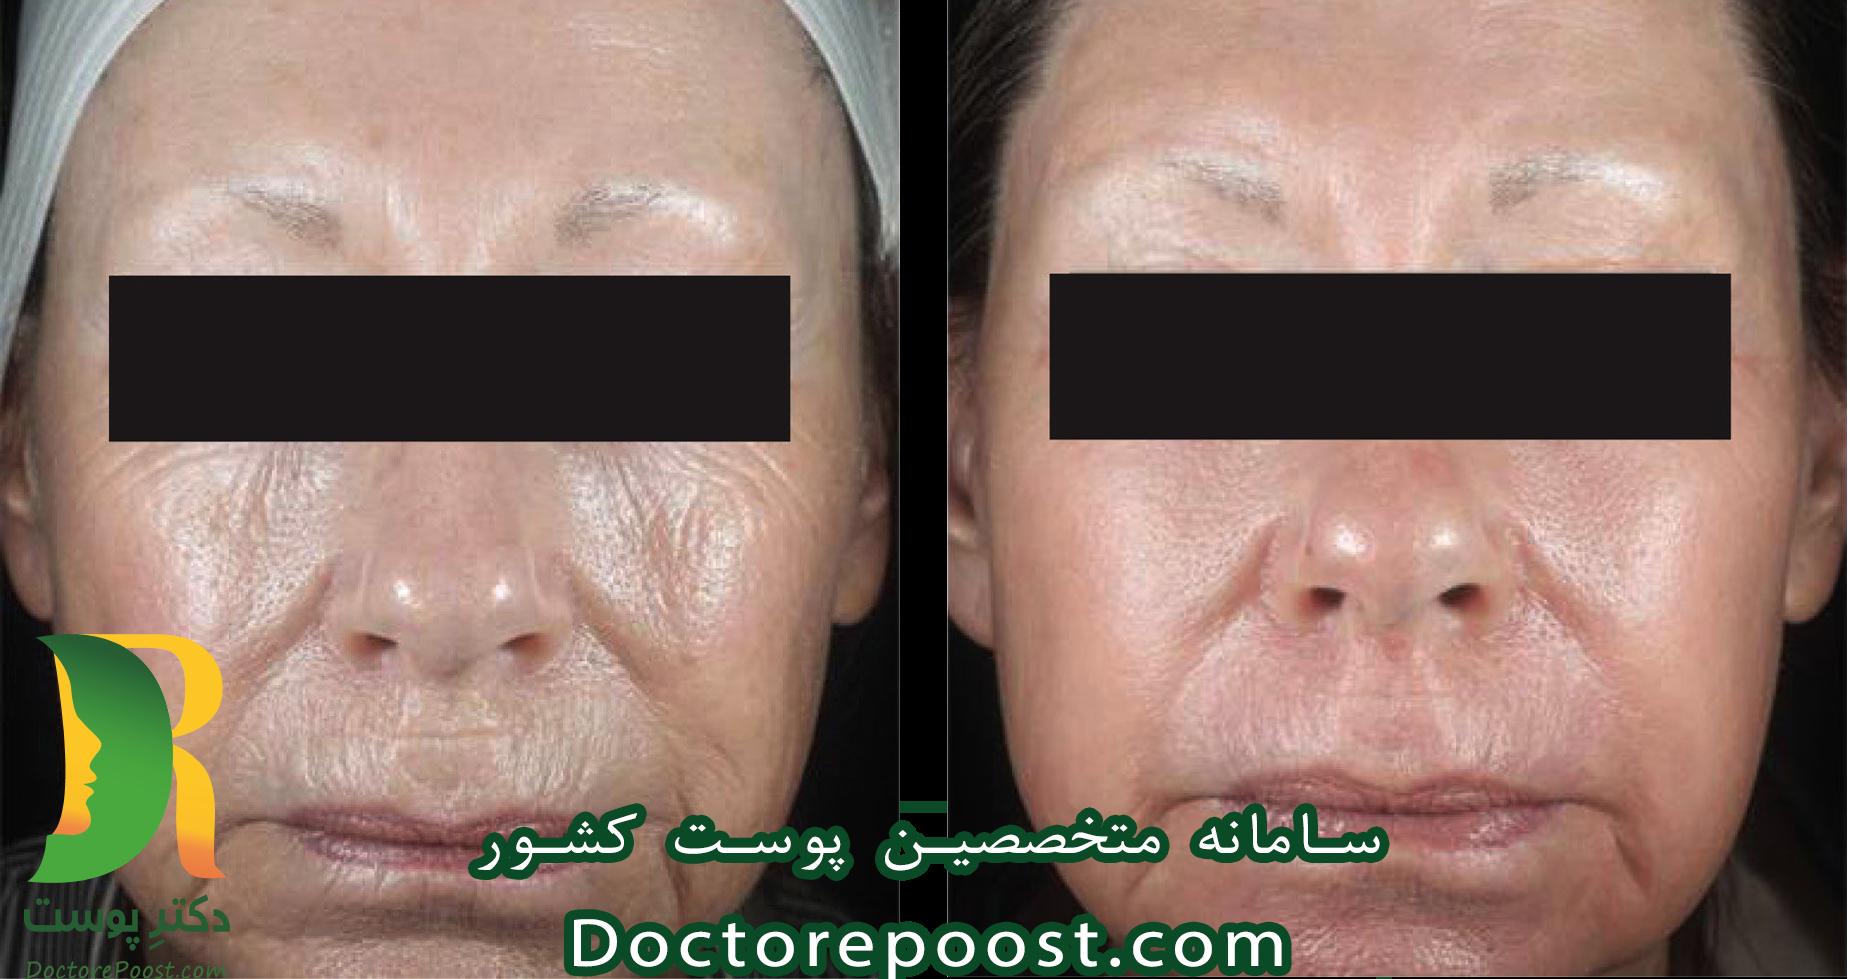 5 معجزه ی لیزر پوست لیزر پوست صورت لیزر موهای زائد لیزر جوانسازی پوست عوارض لیزر پوست لیزر واریس